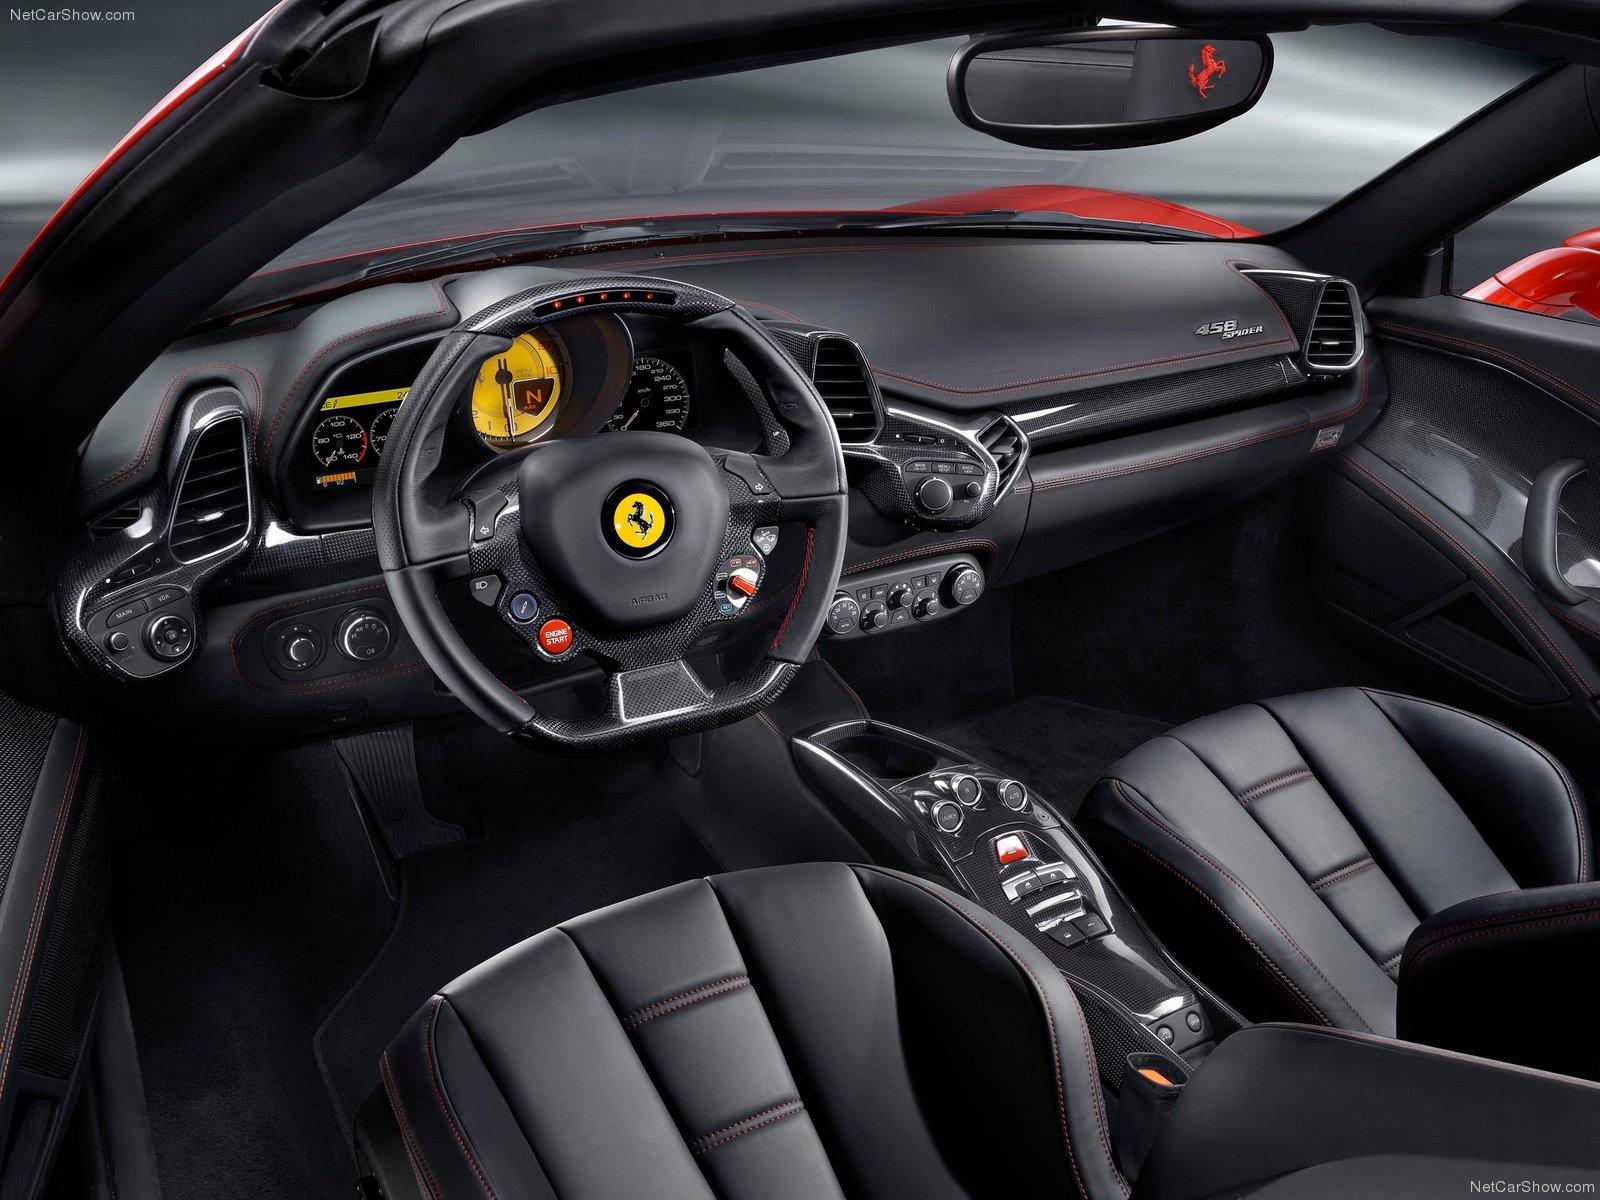 Ferrari 458 Spider Interior Ferrari 458 Maserati Granturismo Ferrari